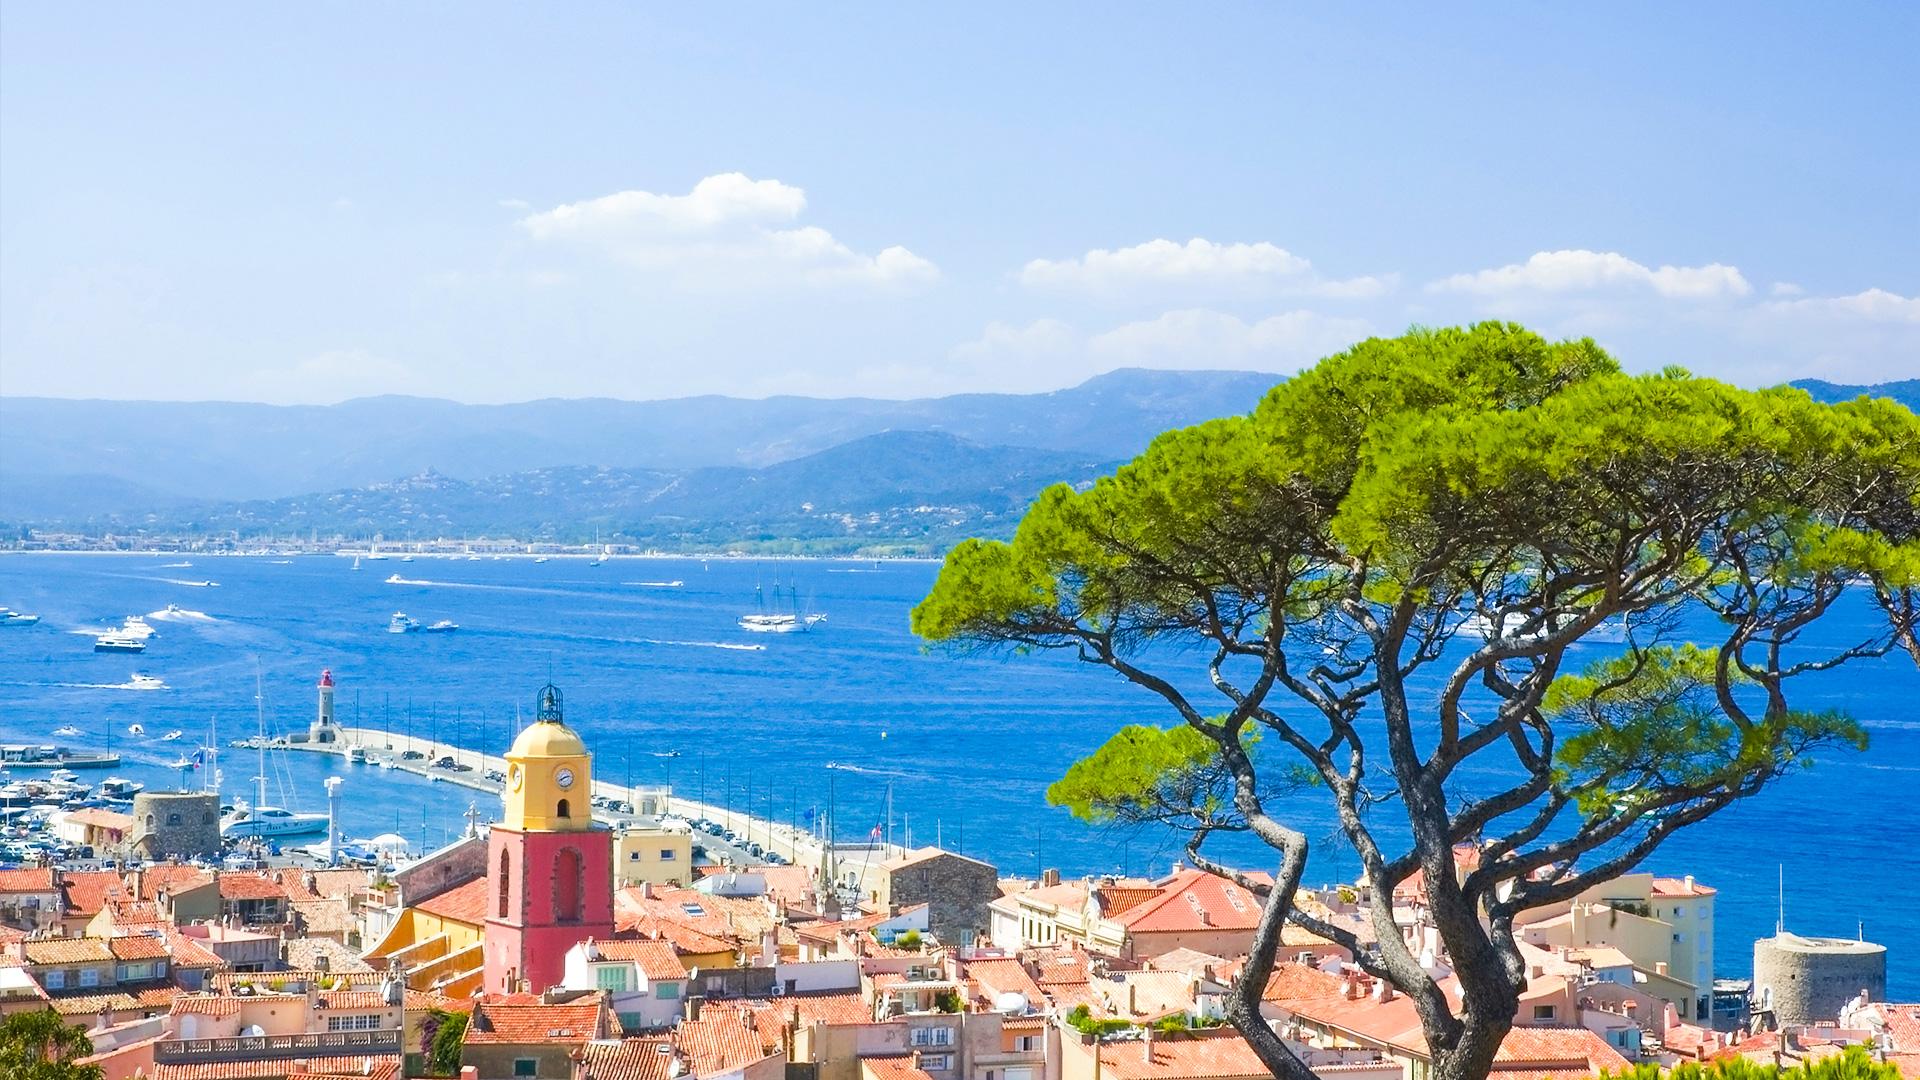 St Tropez   Cap Sud Immobilier 1920x1080